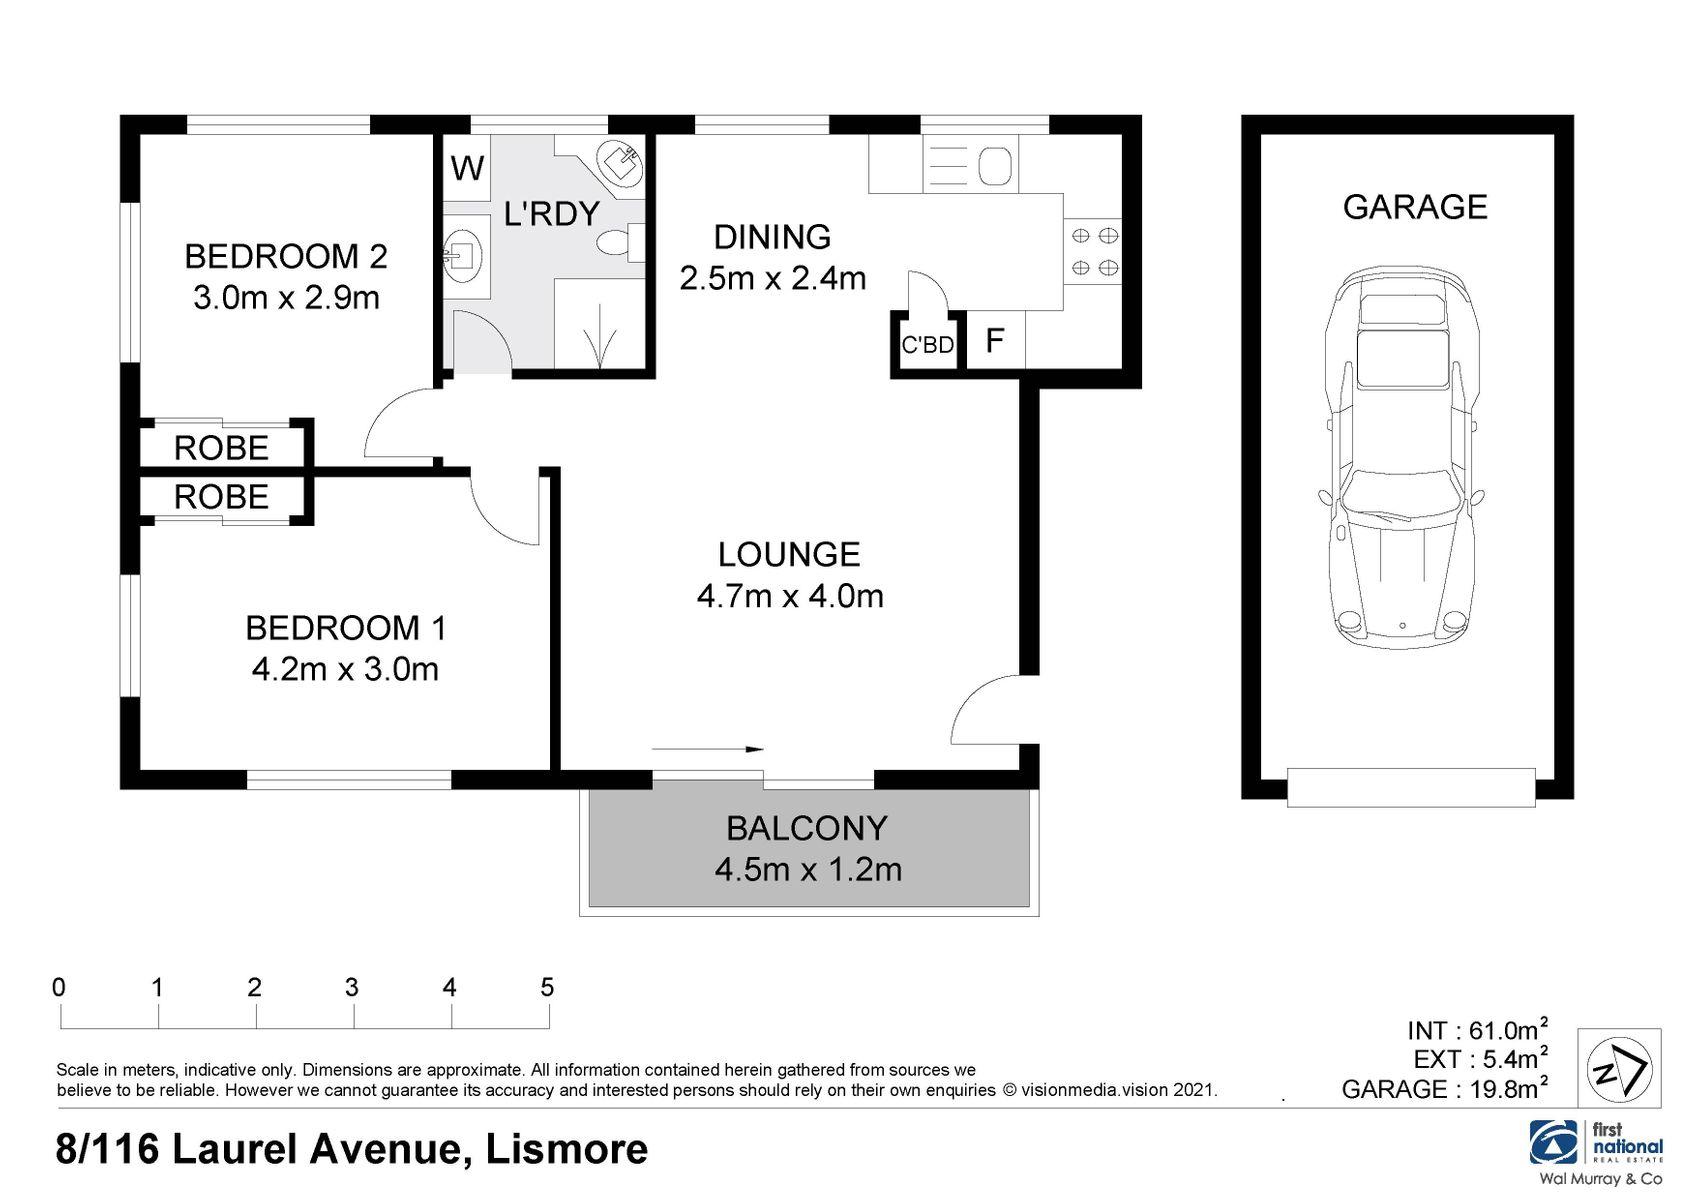 8/116 Laurel Avenue, Lismore, NSW 2480